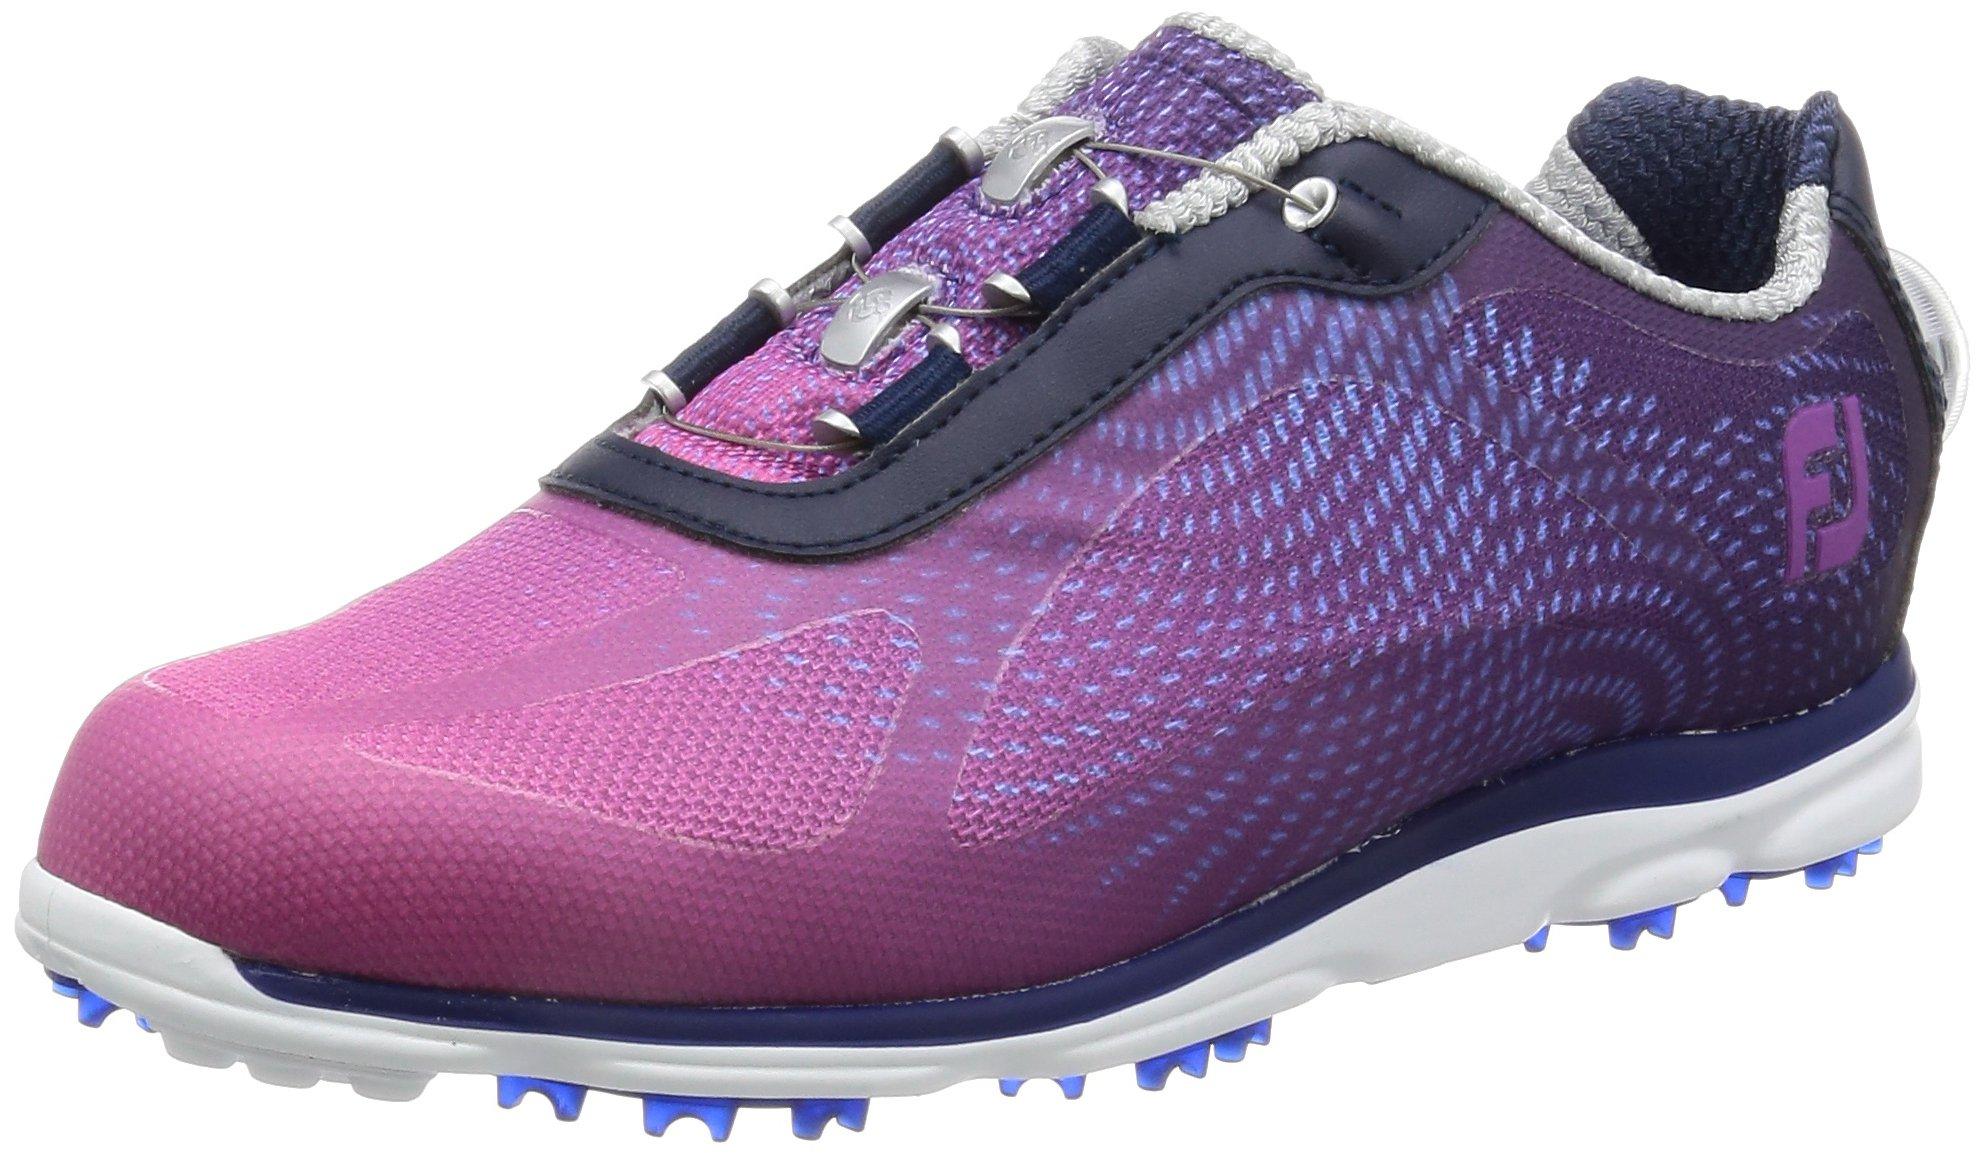 FootJoy EmPower BOA Spikeless Golf Shoes 2015 Women CLOSEOUT Navy/Plum Medium 6